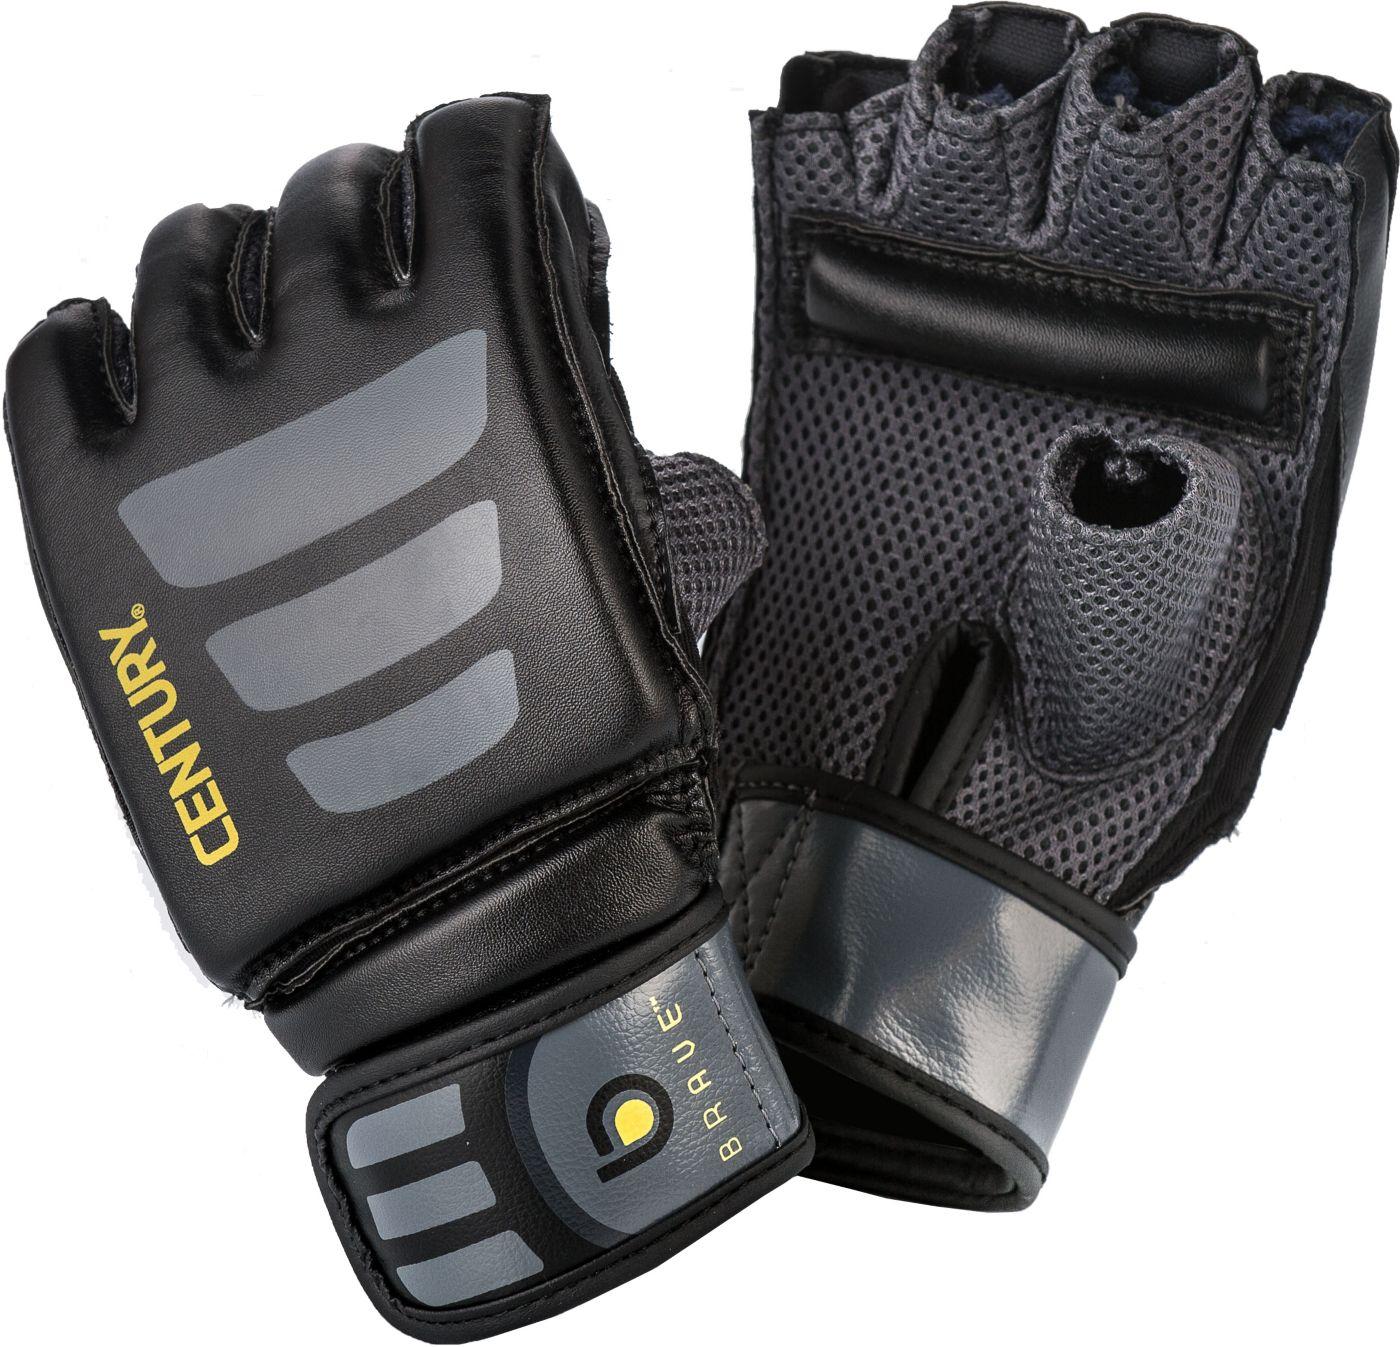 Century BRAVE Grip Bar Gloves